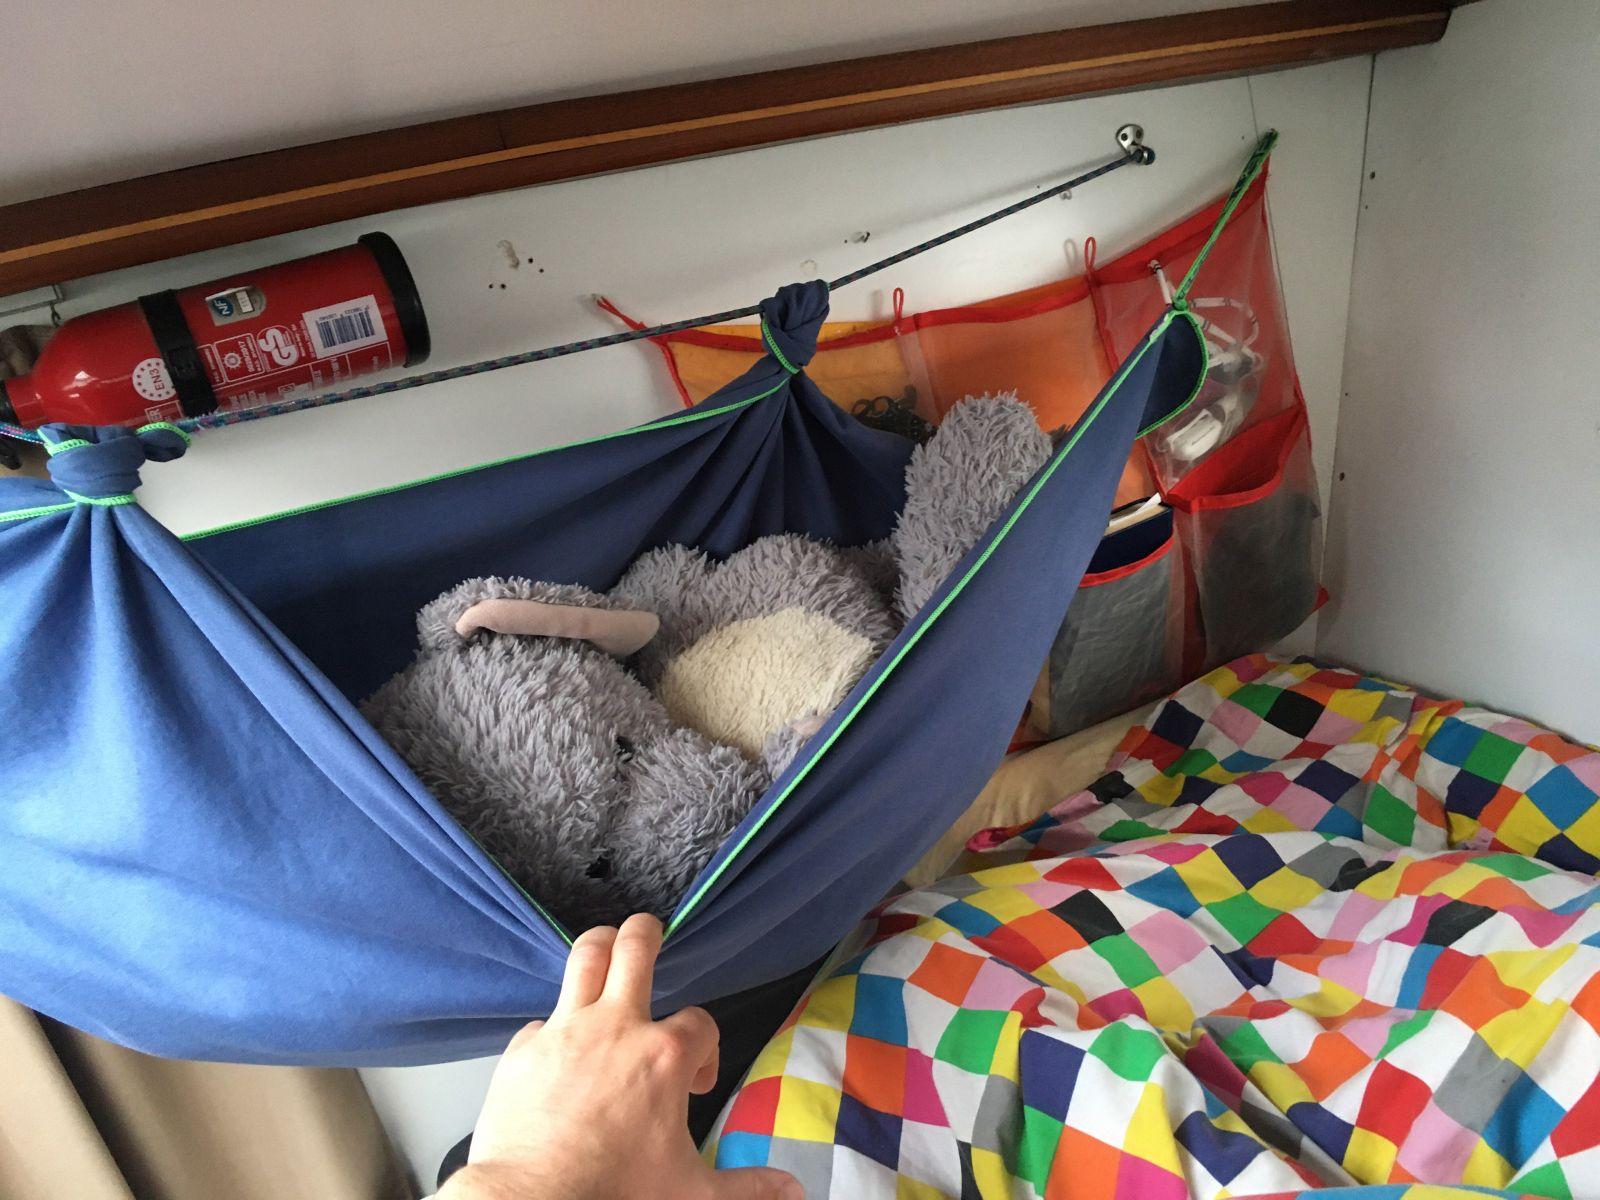 Willem m'a fait un hamac au dessus de son lit . Il est costaud !  je suis quand même un éléphant ....